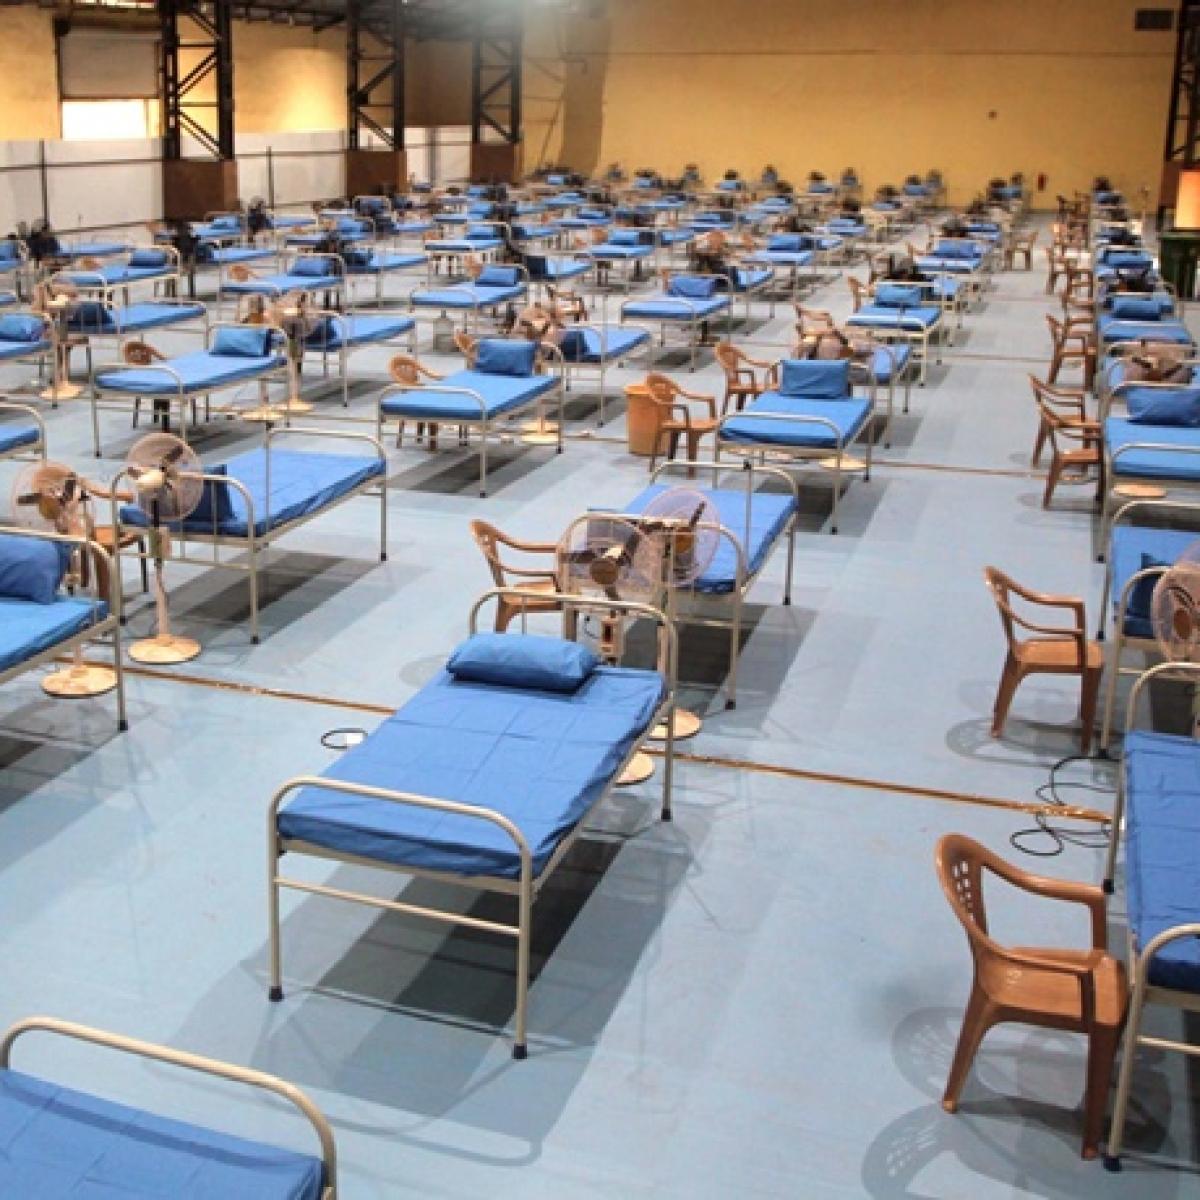 Mumbai: Chief Minister Uddhav Thackeray asks BMC to ramp up COVID-19 bed capacity